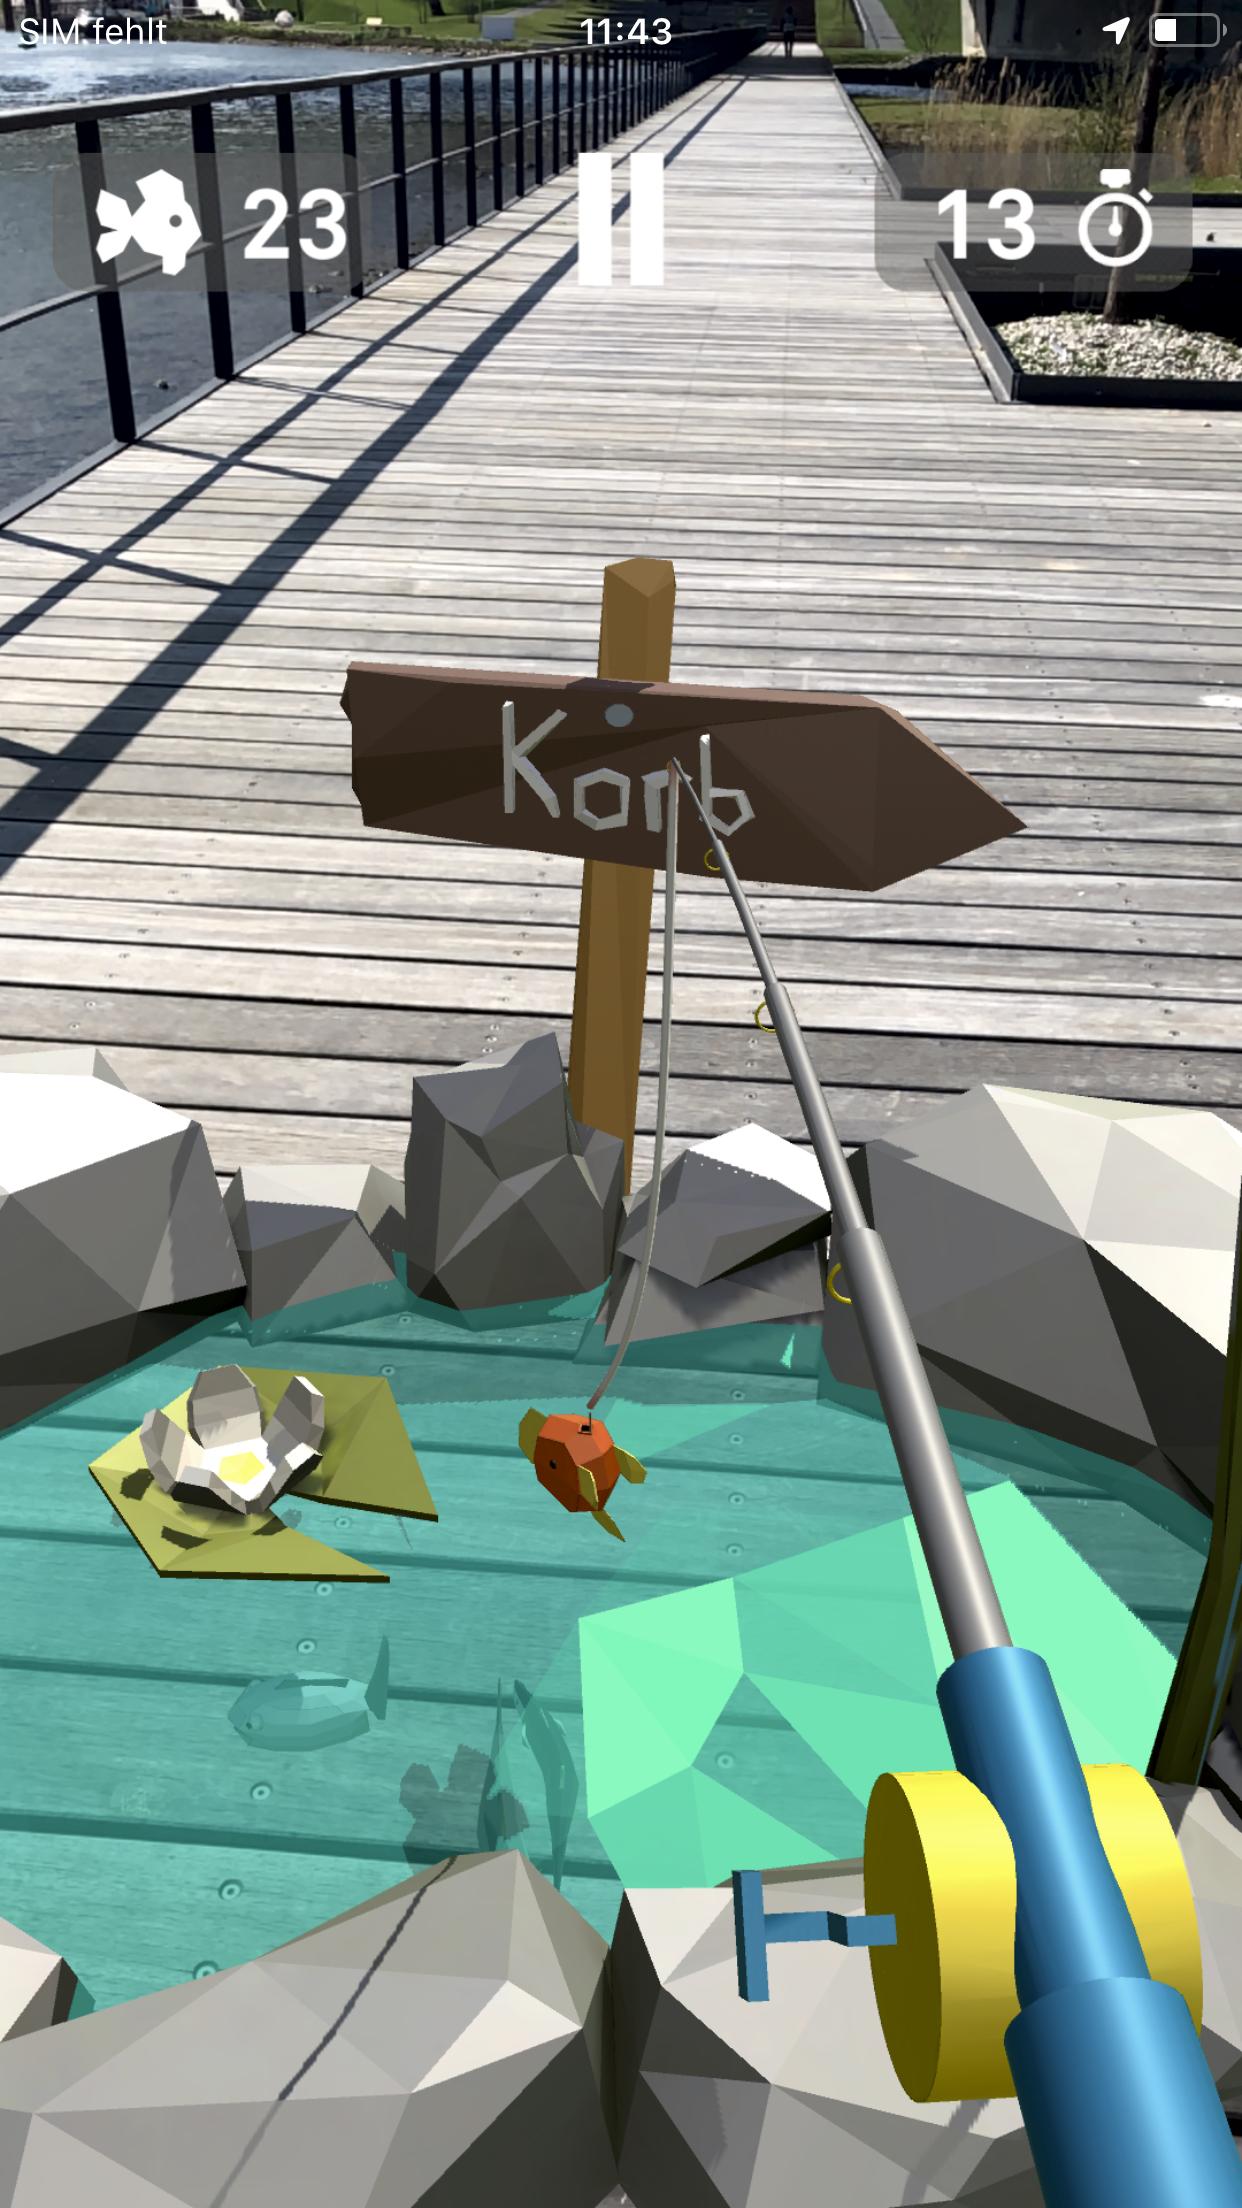 Angeln, ein Minispiel der impact.karl-App